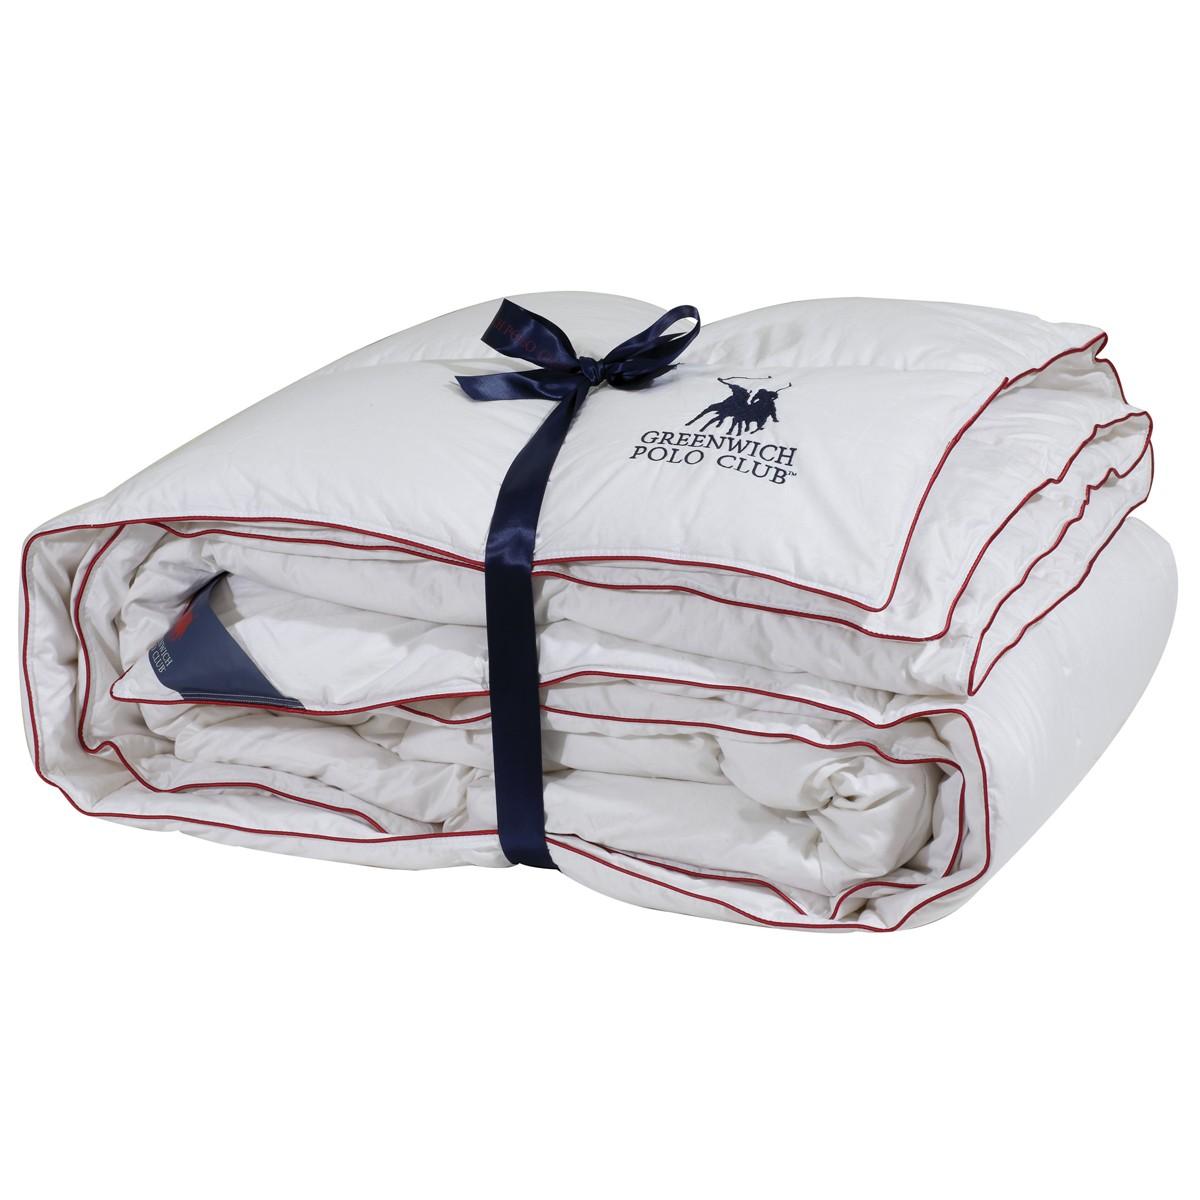 Πάπλωμα Πουπουλένιο Υπέρδιπλο Polo Club Premium Duvet 2302 78790